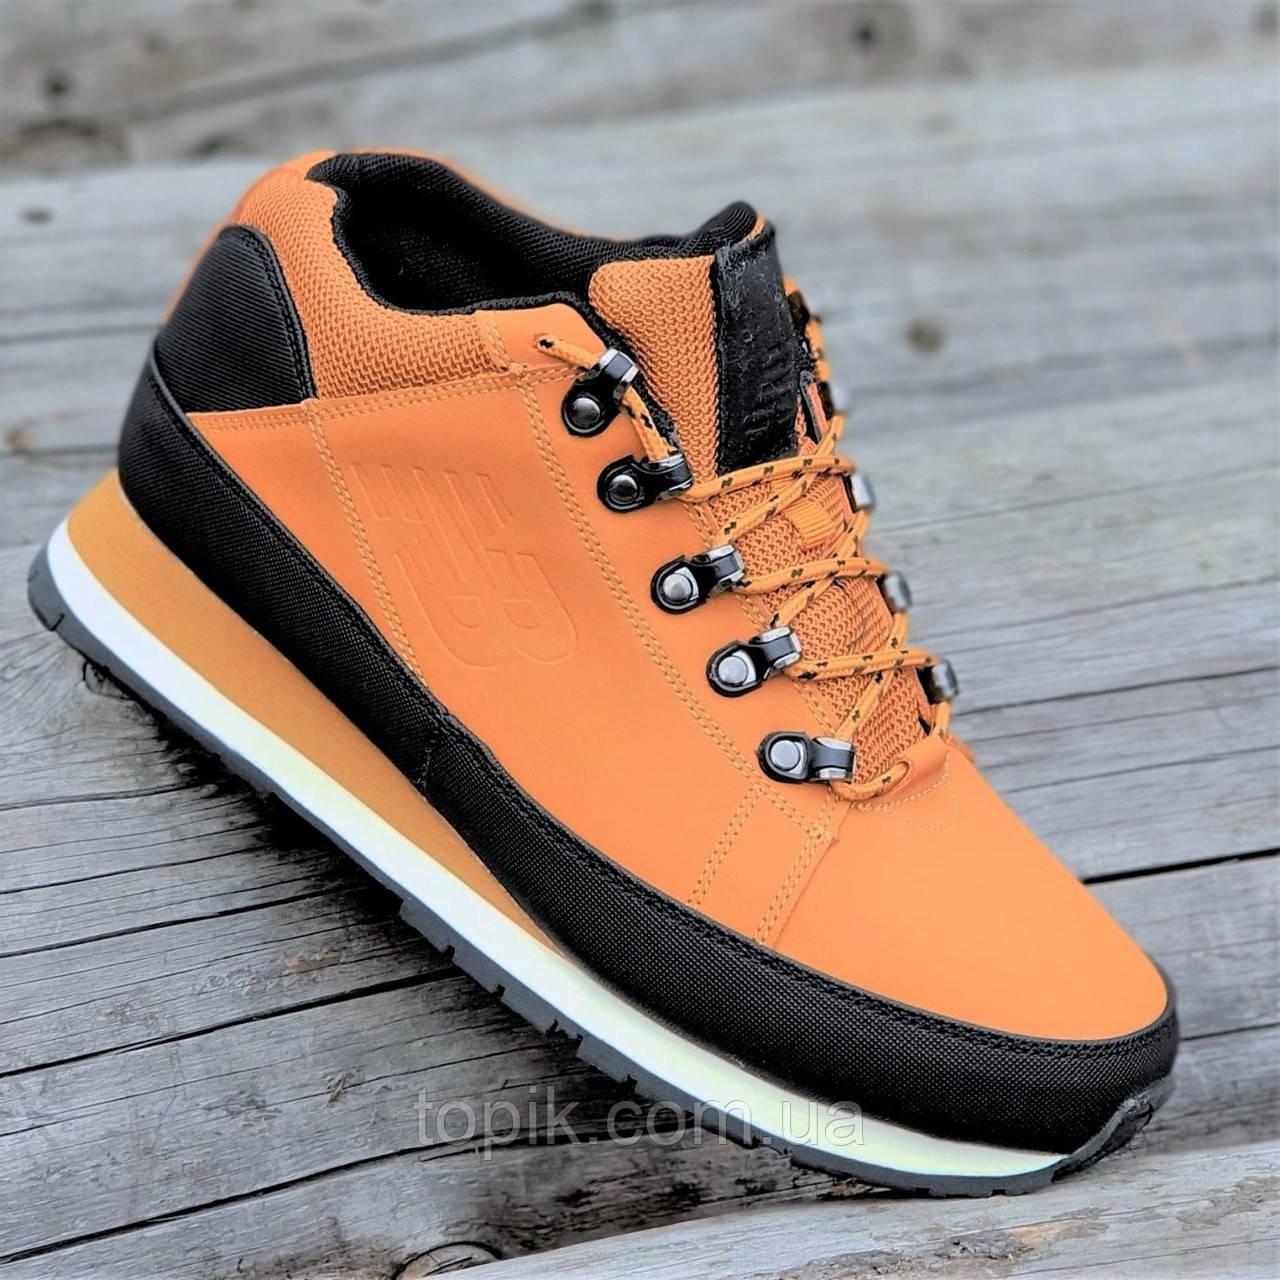 Кроссовки ботинки зимние New Balance 754 реплика мужские кожаные рыжие легкие удобные (Код: 1292)